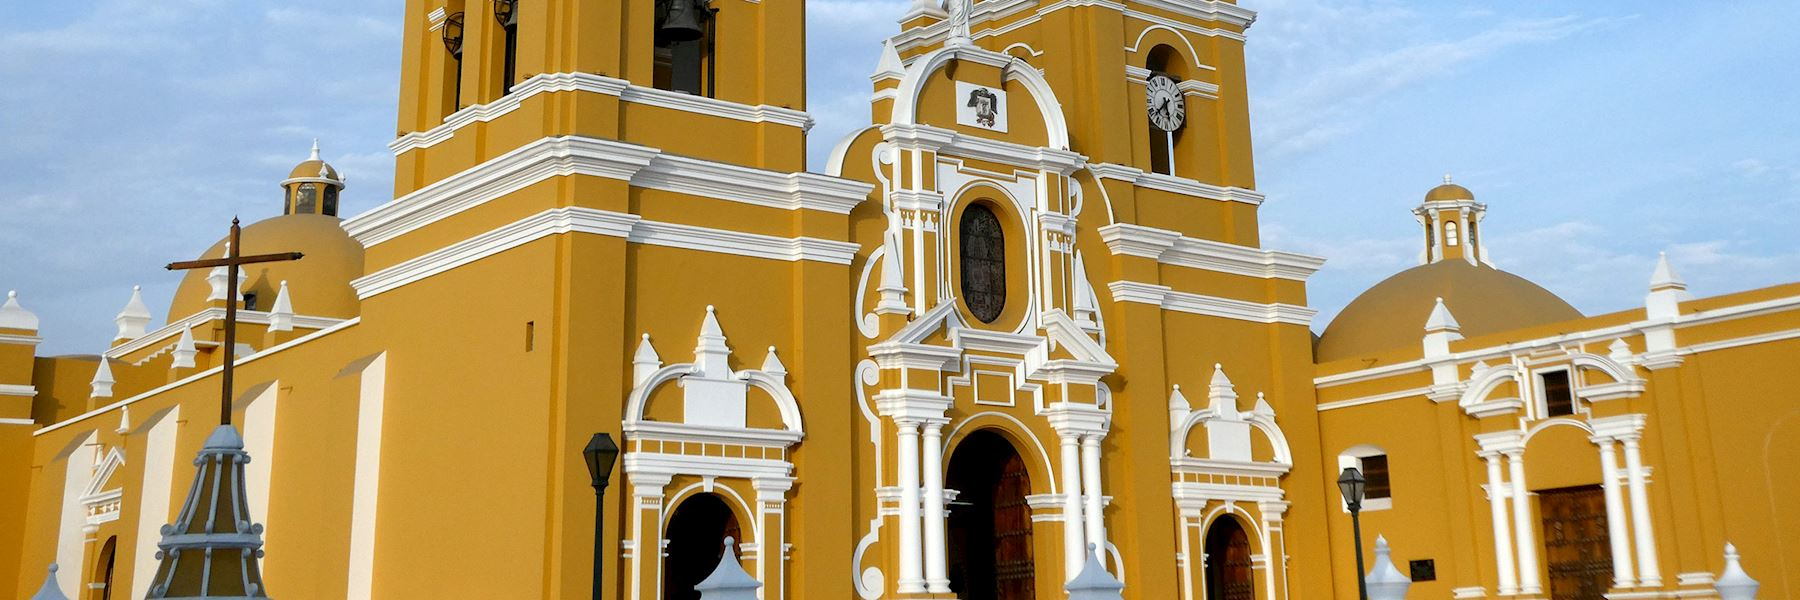 Visit Trujillo, Peru